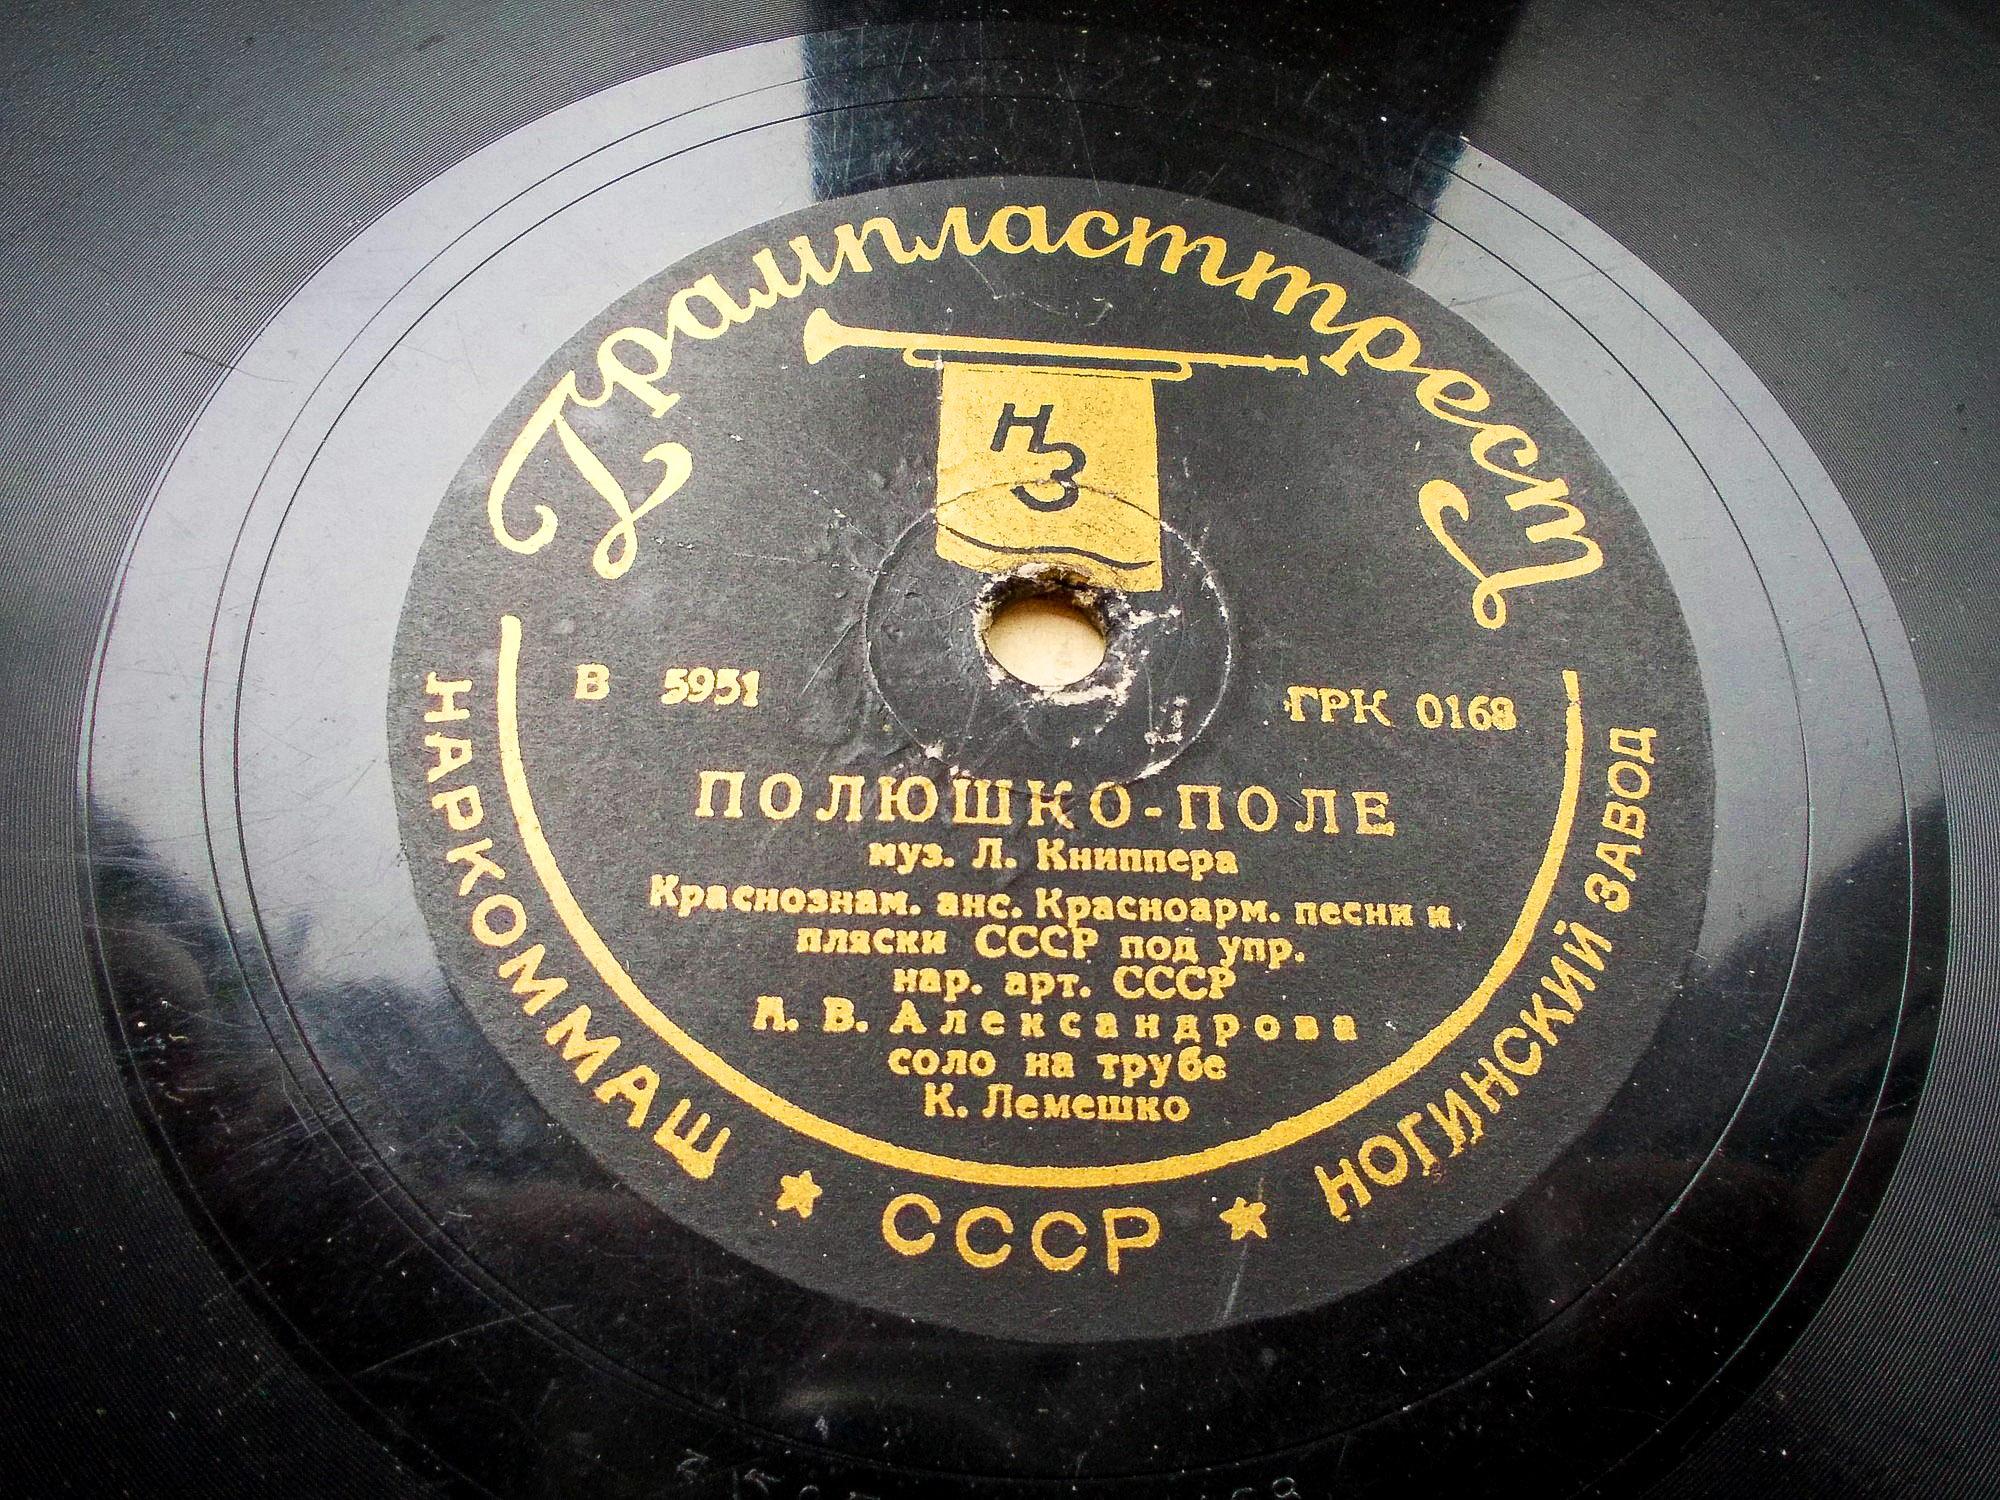 Написанная Львом Книппером песня «Полюшко-Поле». Благодаря своей широкой популярности она считается народной